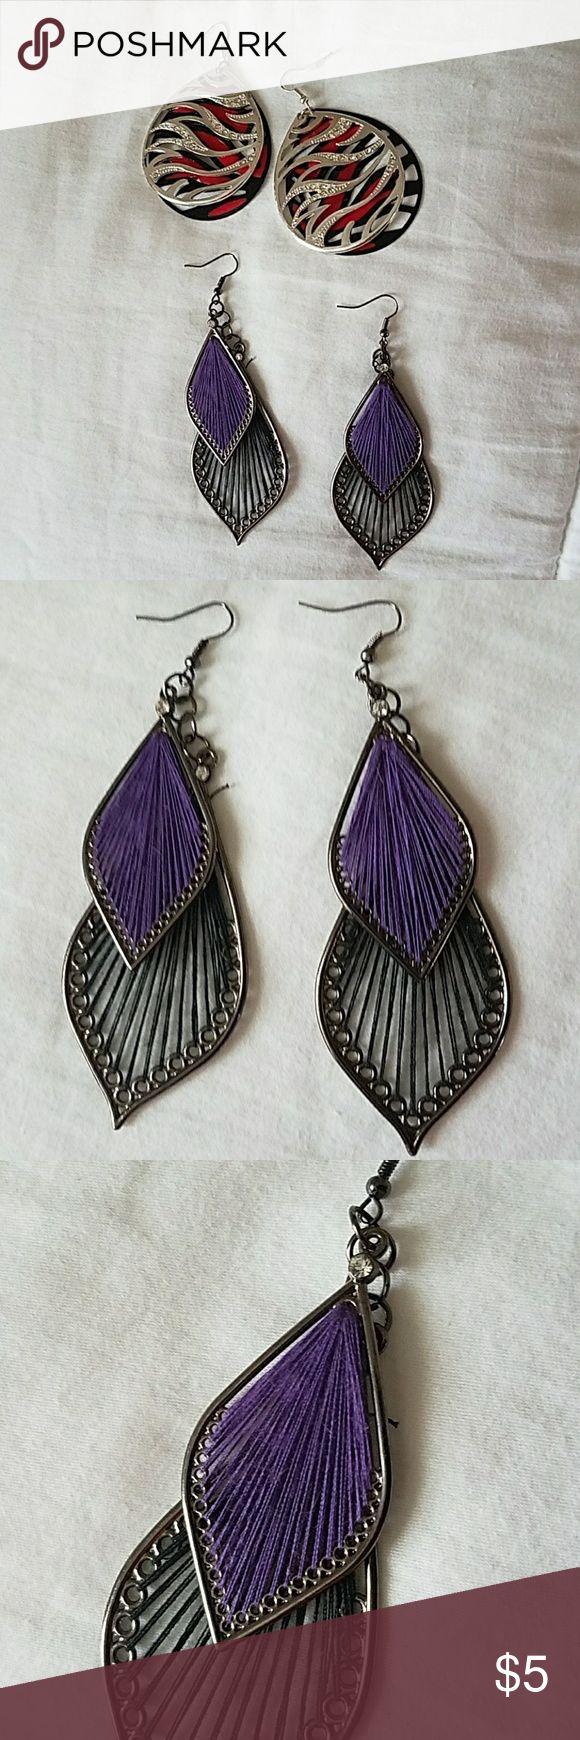 Earrings Costume dangle earrings bought from body central Body Central Jewelry Earrings